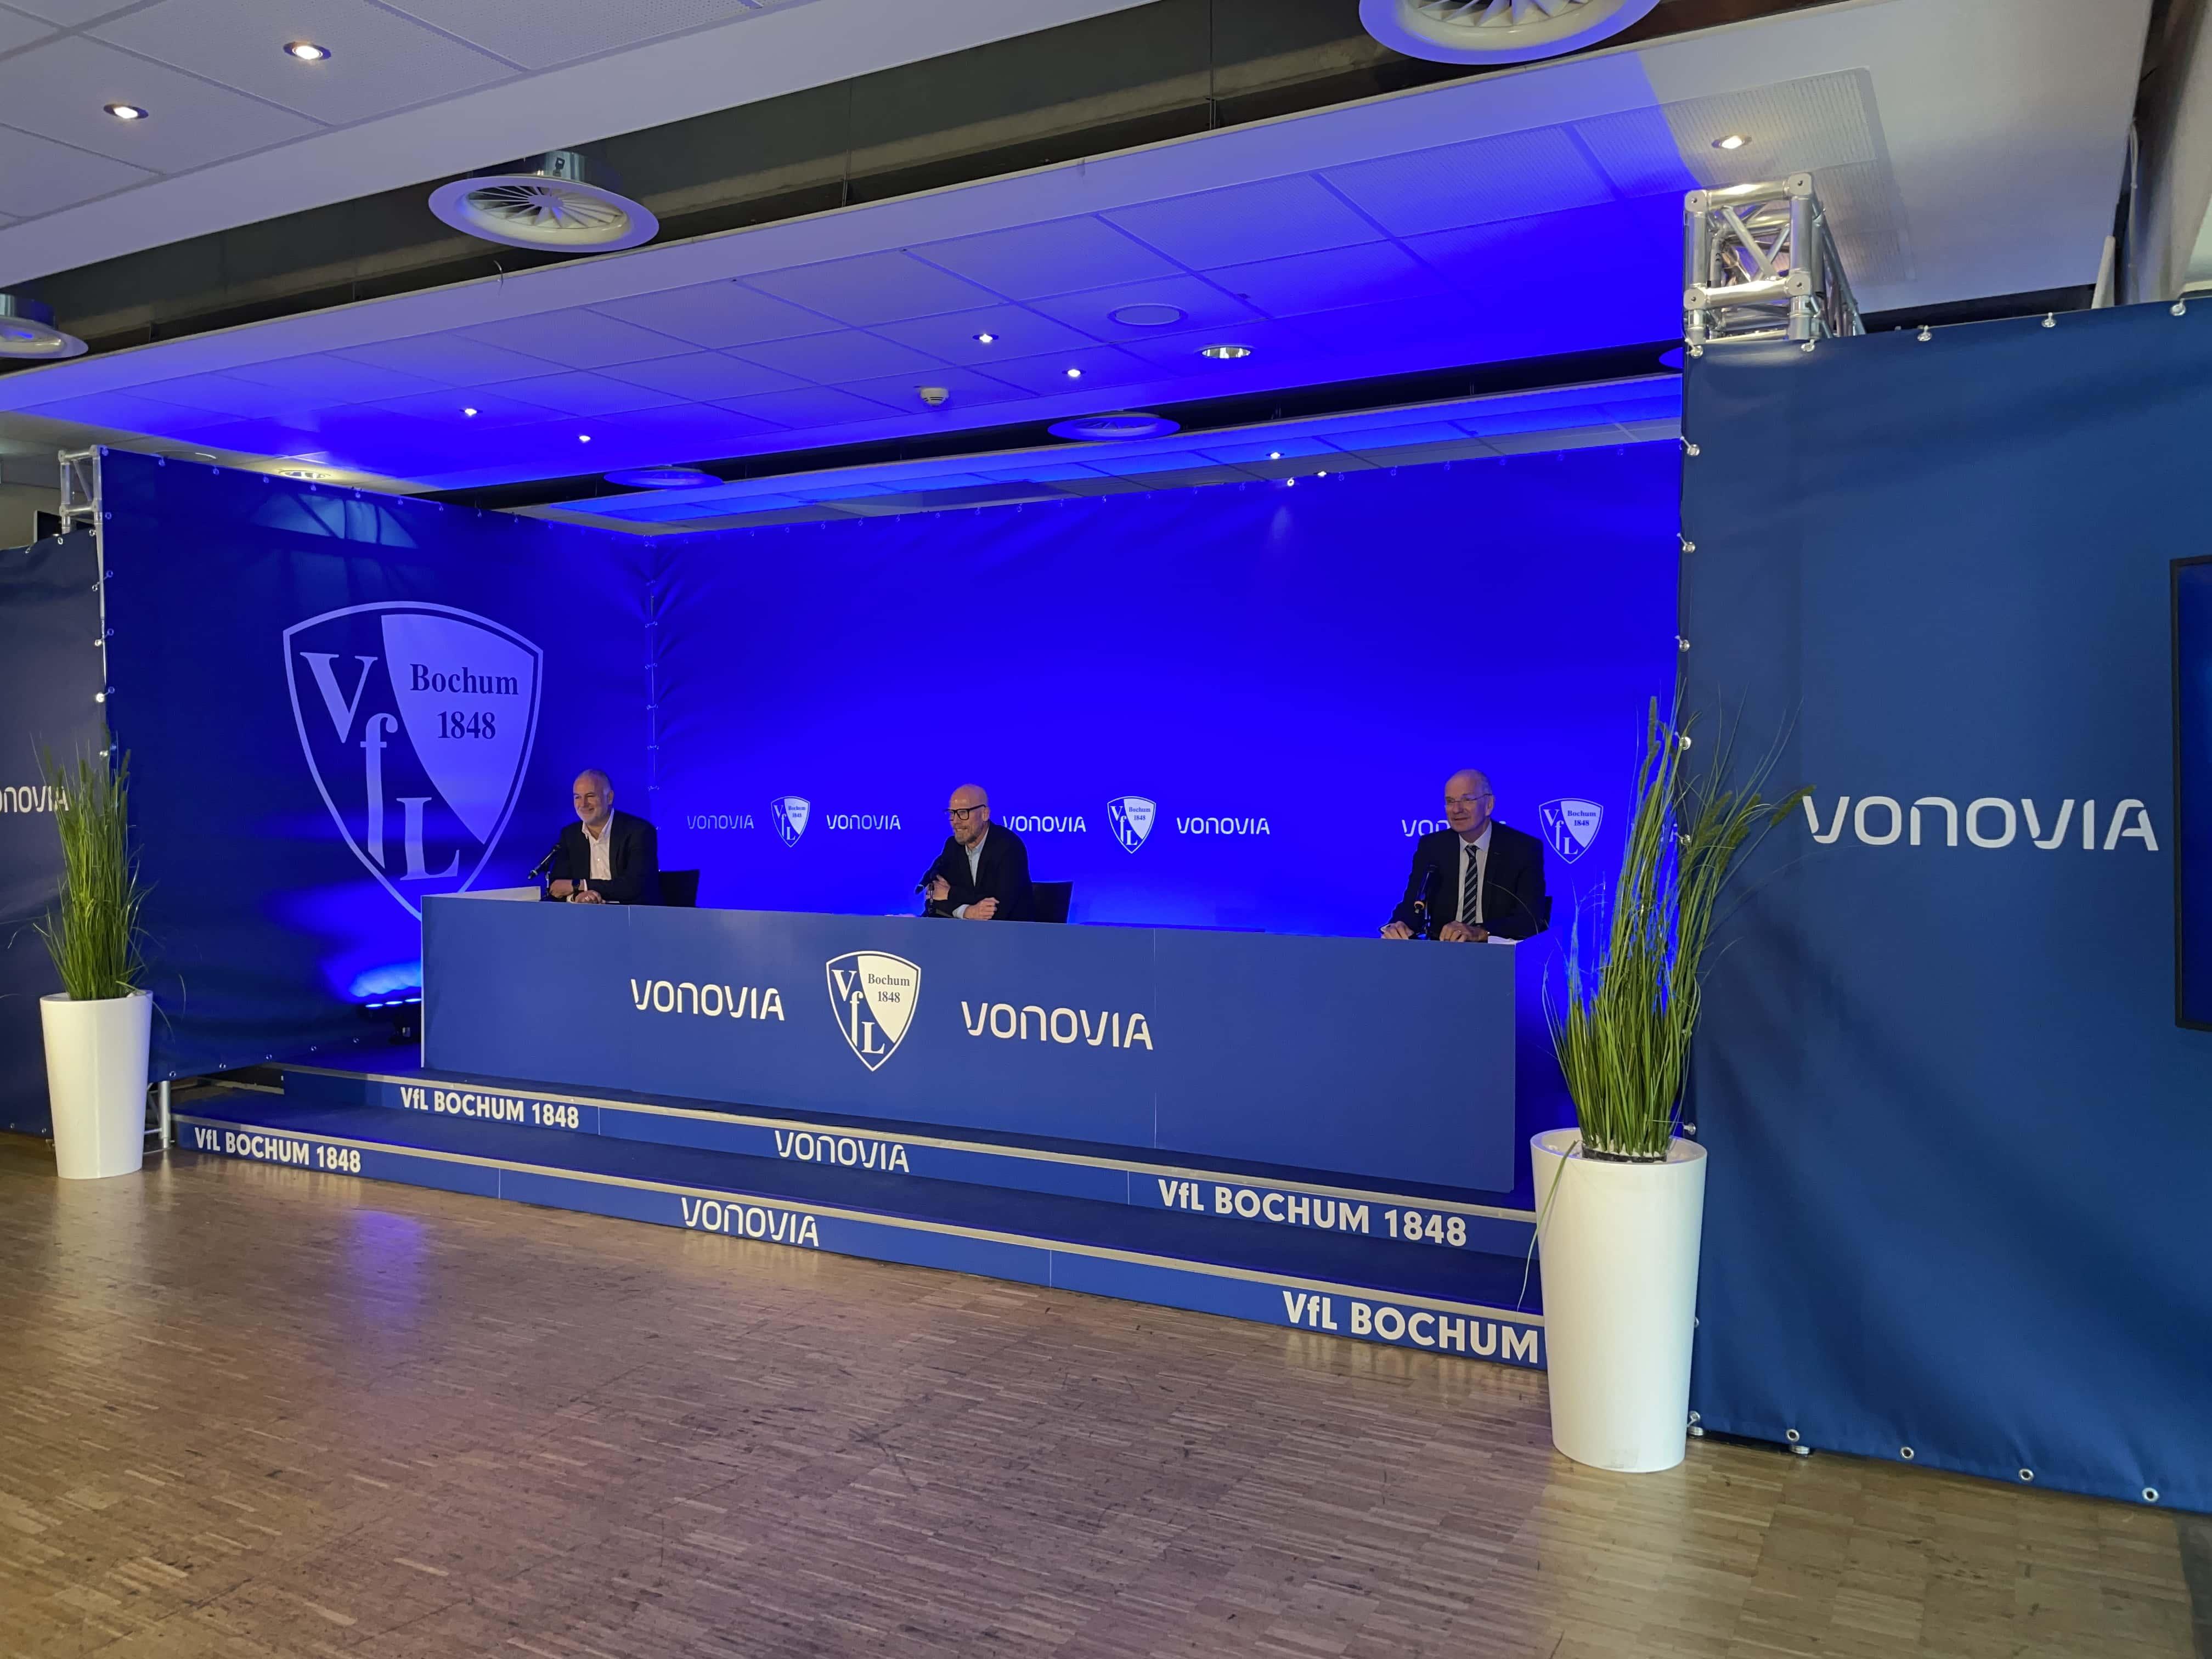 Pressekonferenz beim VfL Bochum mit dem neuen Hauptsponsor Vonovia